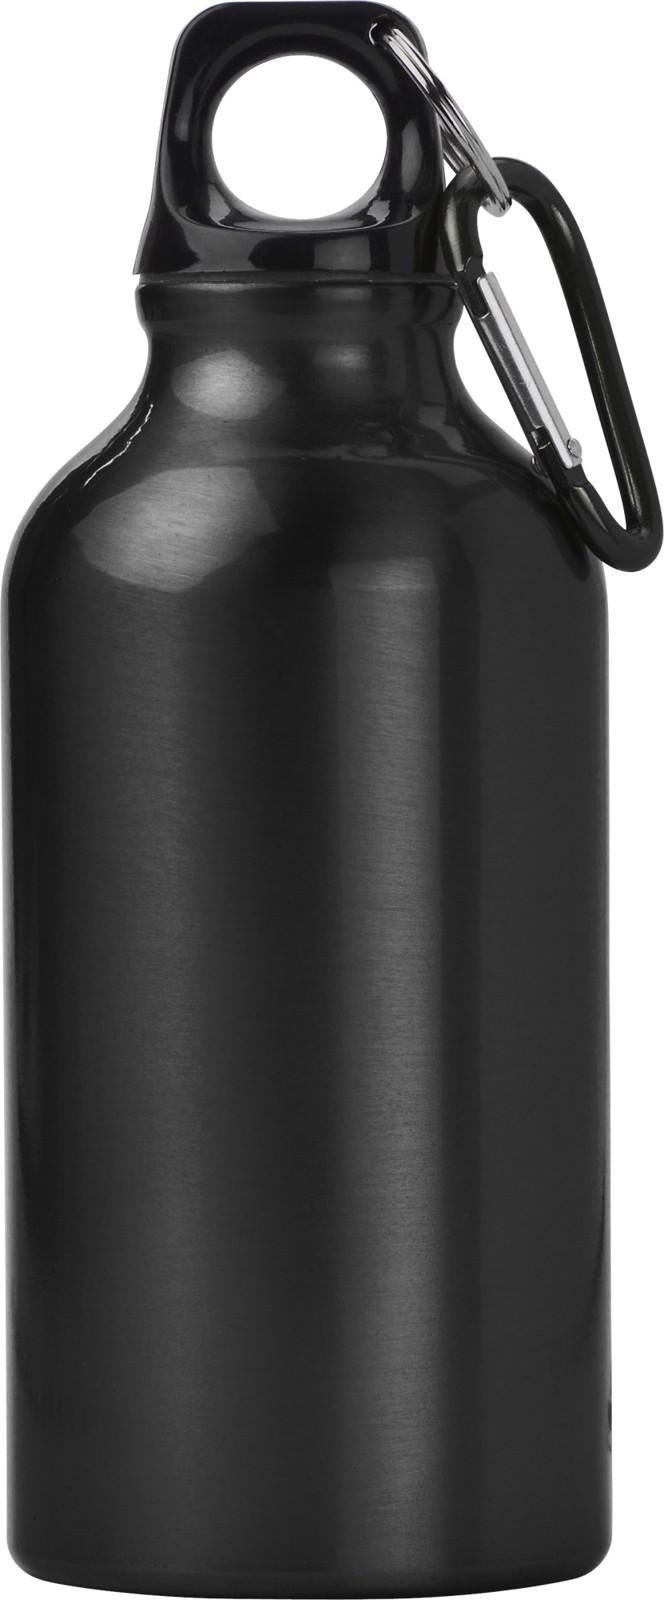 Aluminium bottle - Black